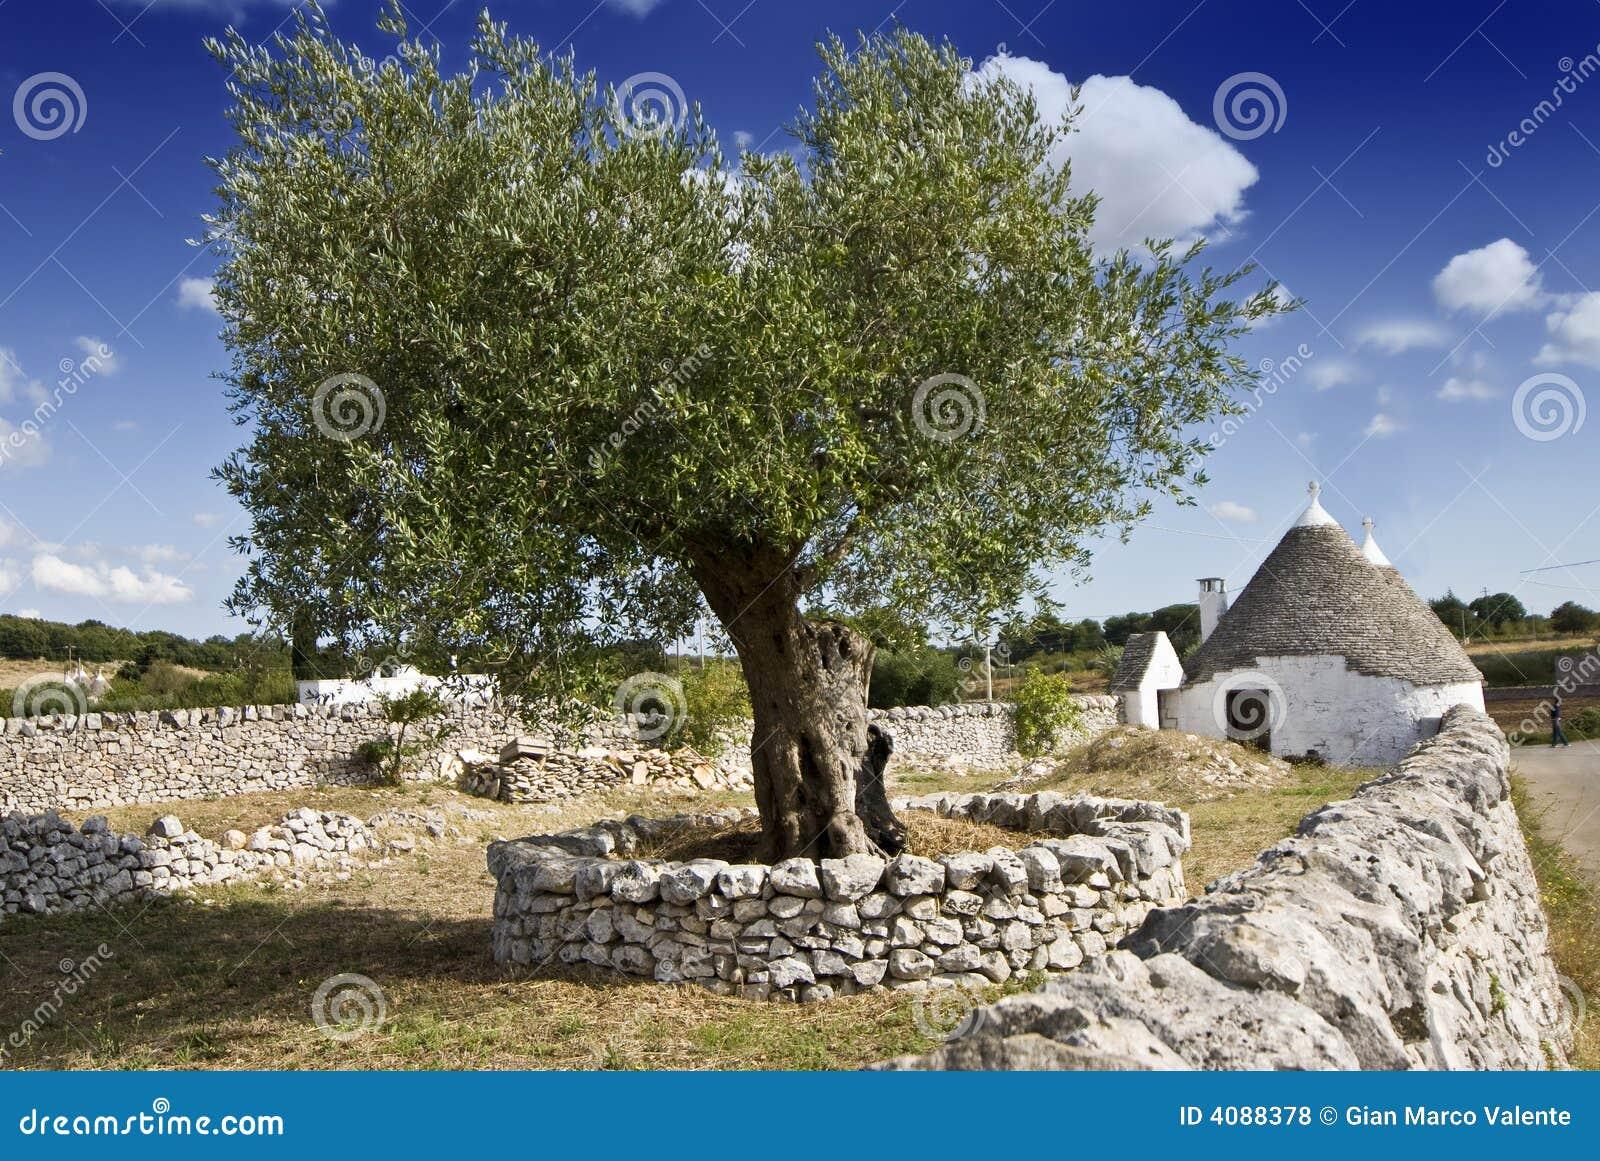 Trullo drzew oliwnych